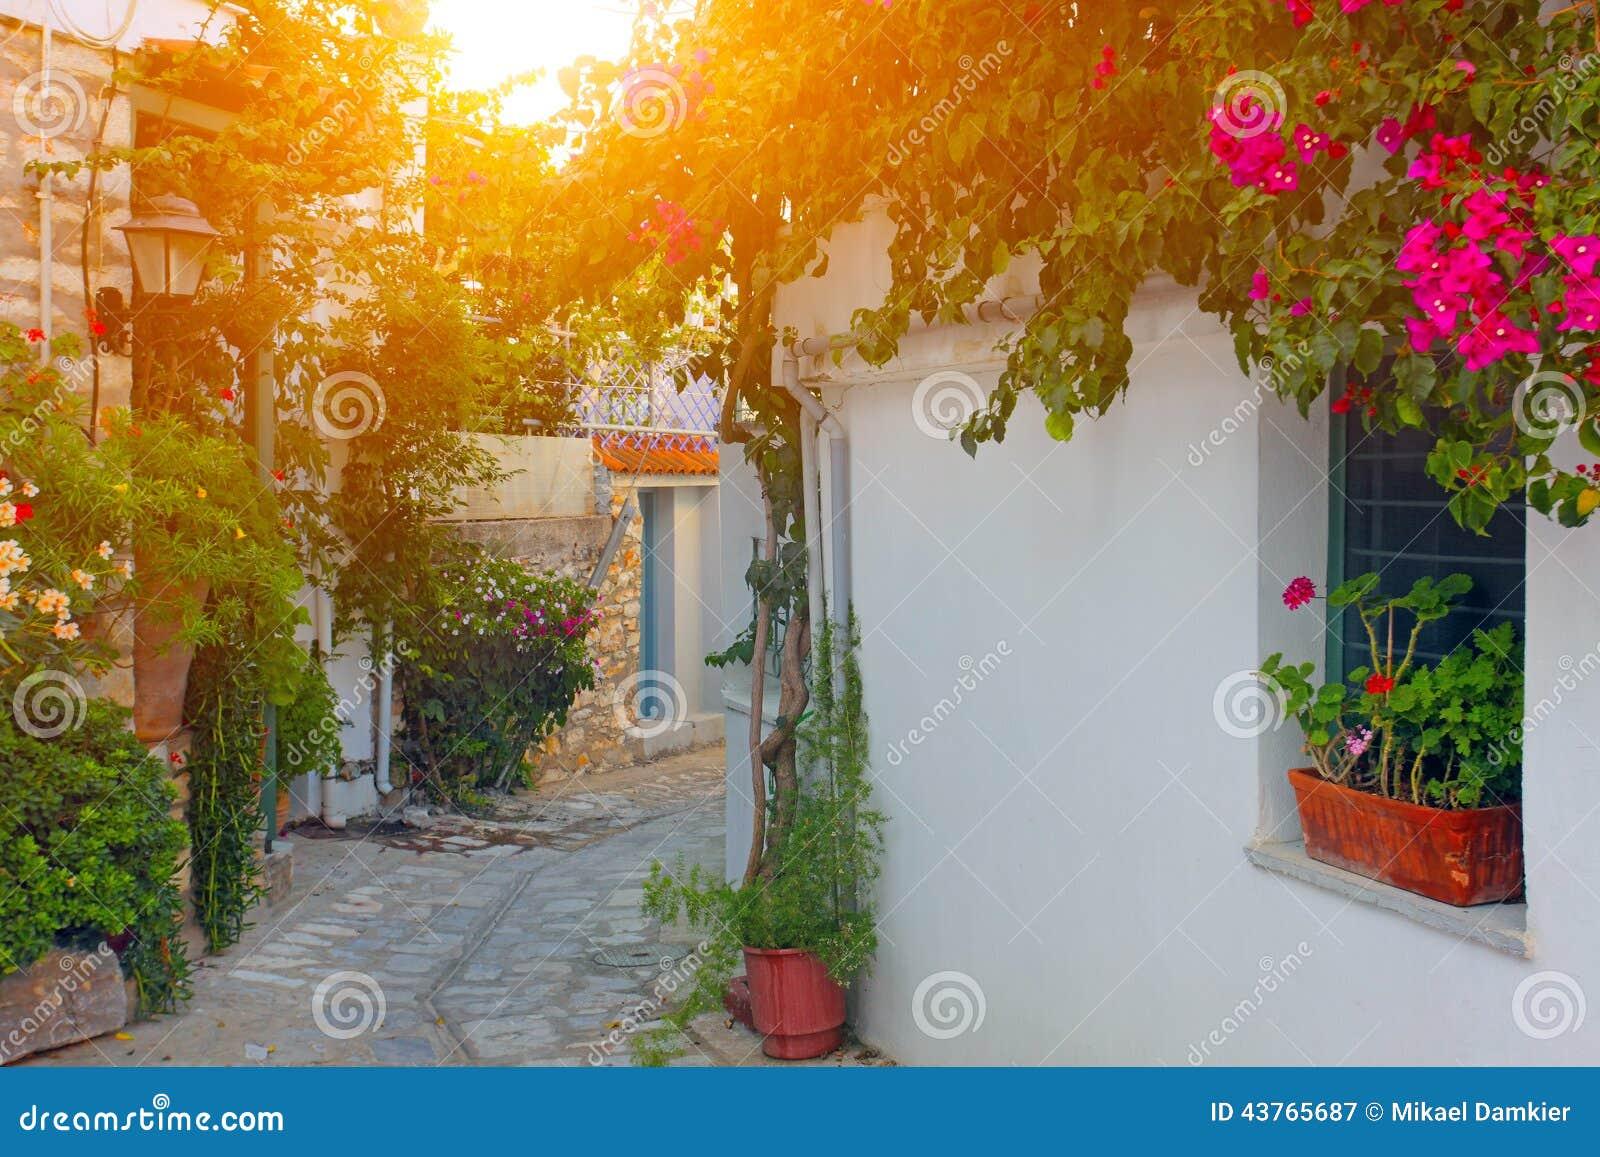 Grecia, isla de Skiathos